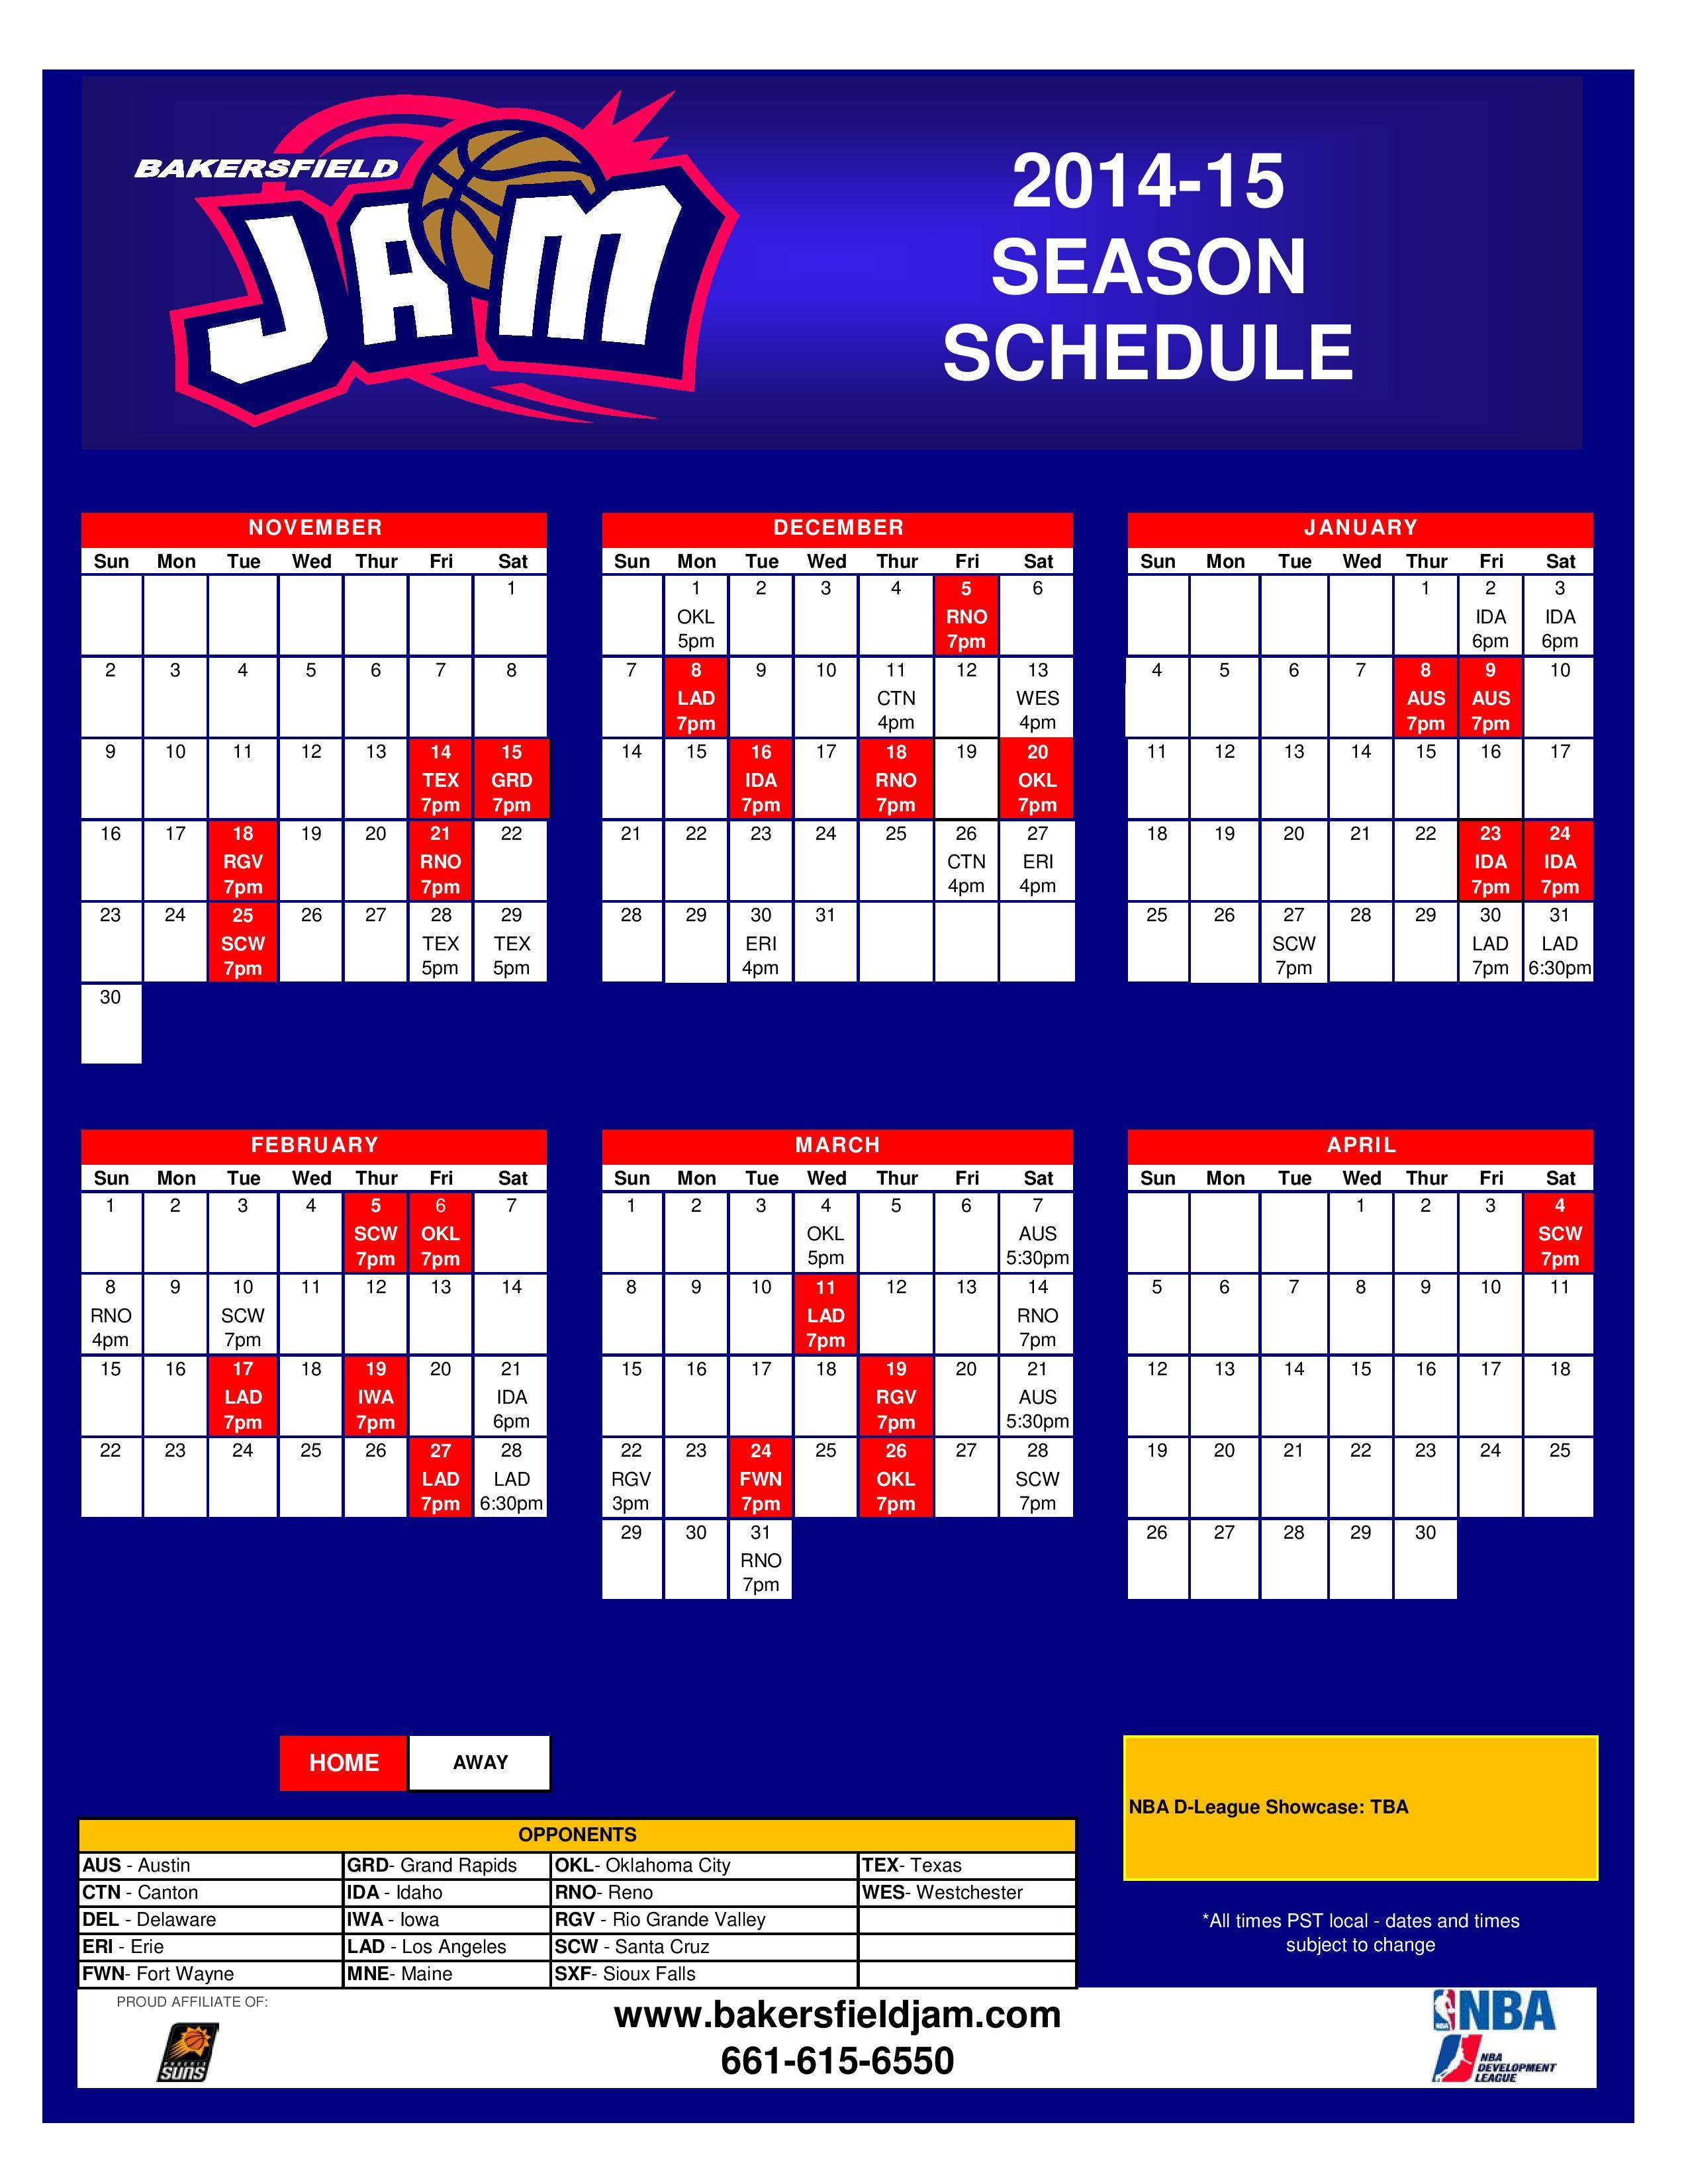 Bksfld Jam 2014-15